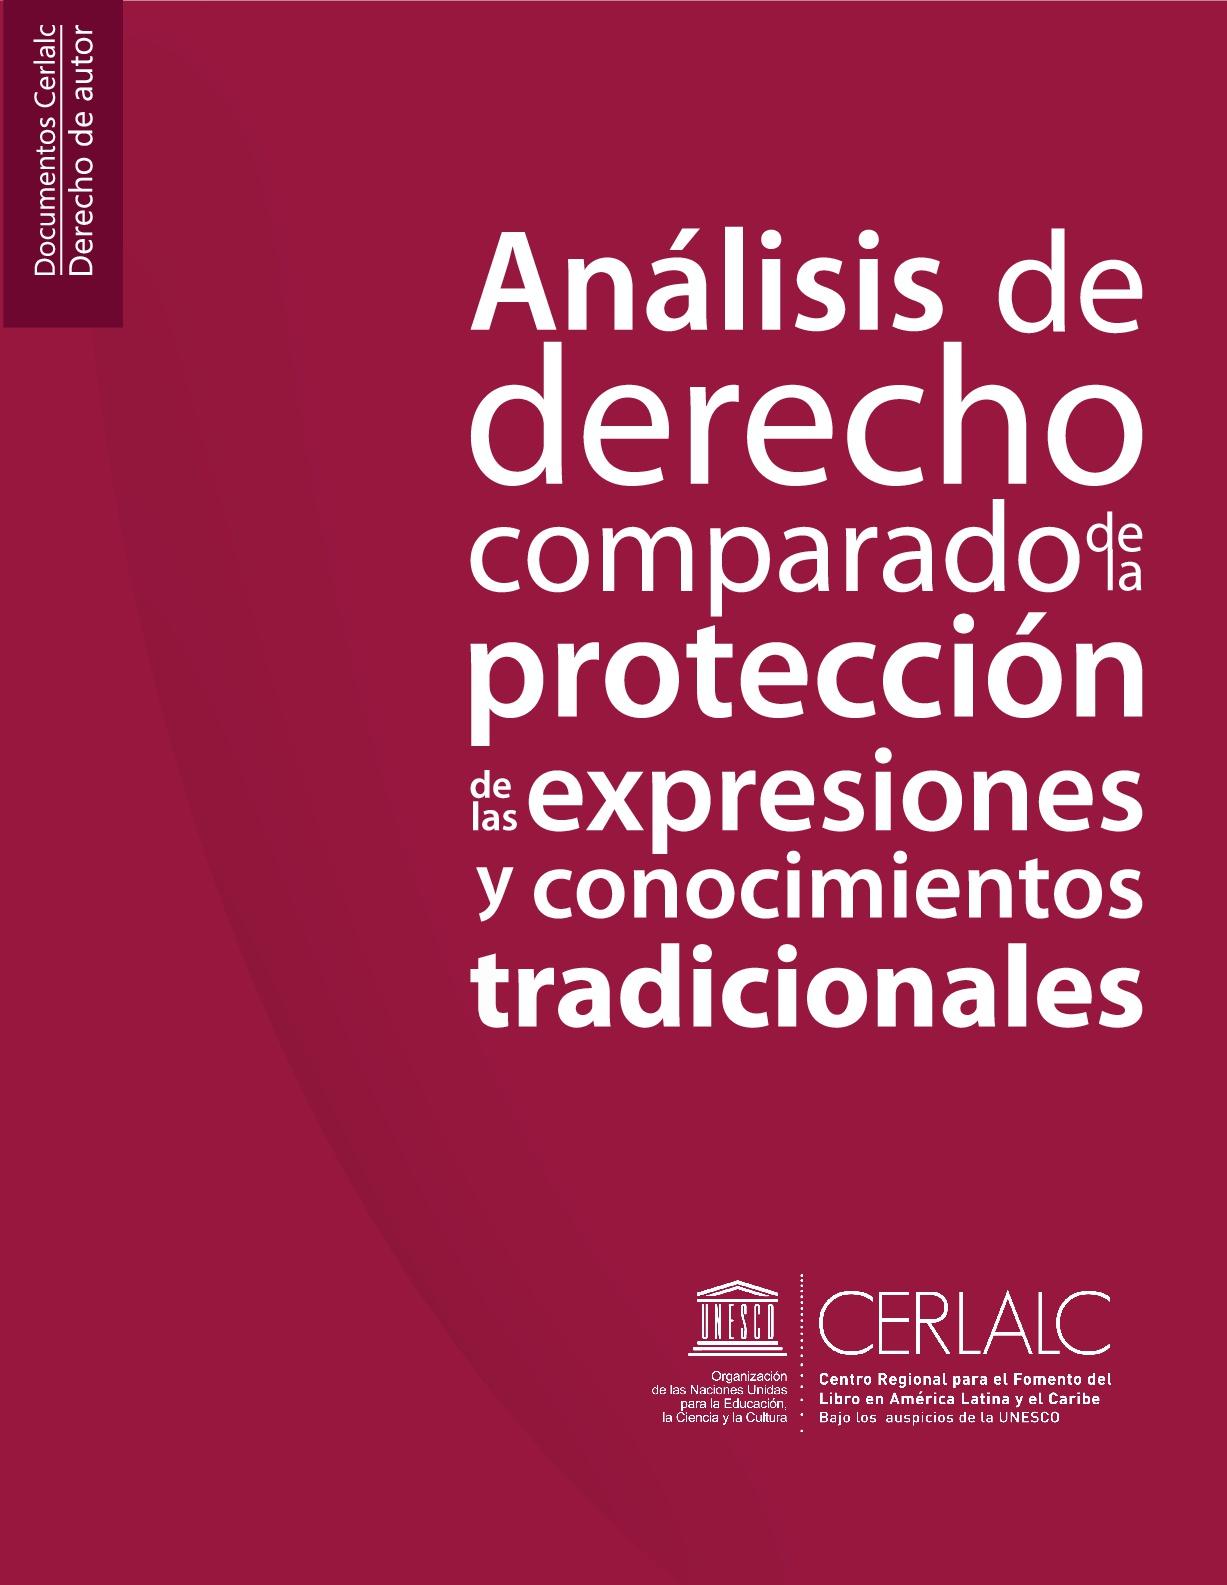 Análisis de derecho comparado de la protección de las expresiones y conocimientos tradicionales